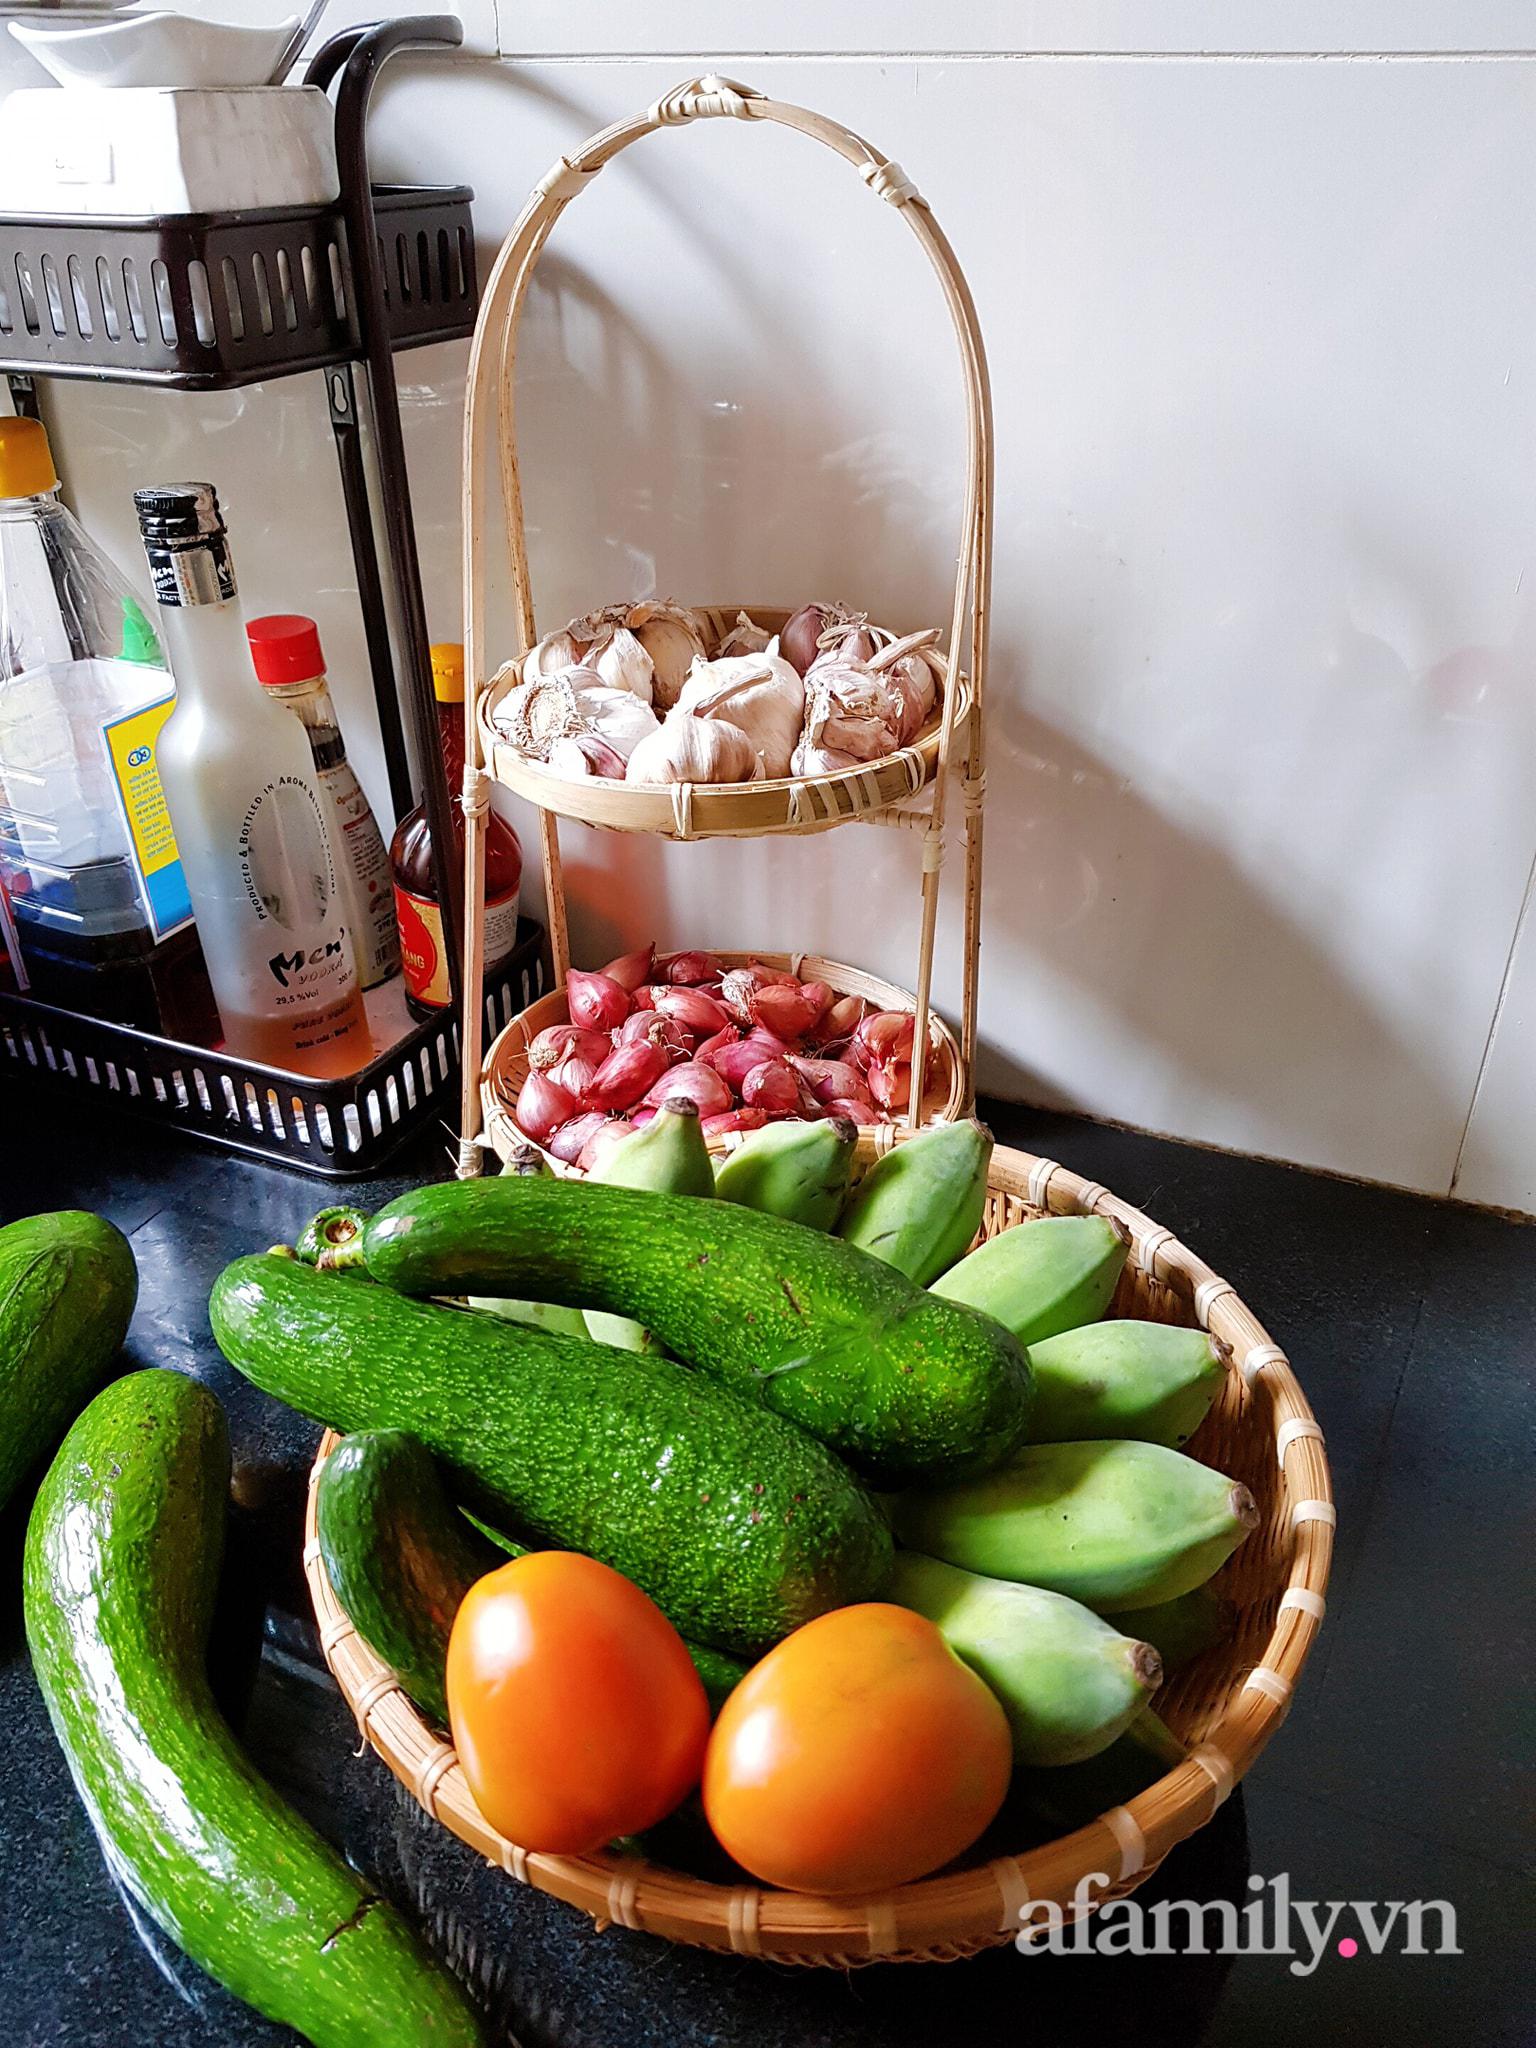 Mẹo trữ thực phẩm từ A đến Z tươi ngon, tiết kiệm chi phí của nữ giáo viên ở Đồng Nai - Ảnh 13.